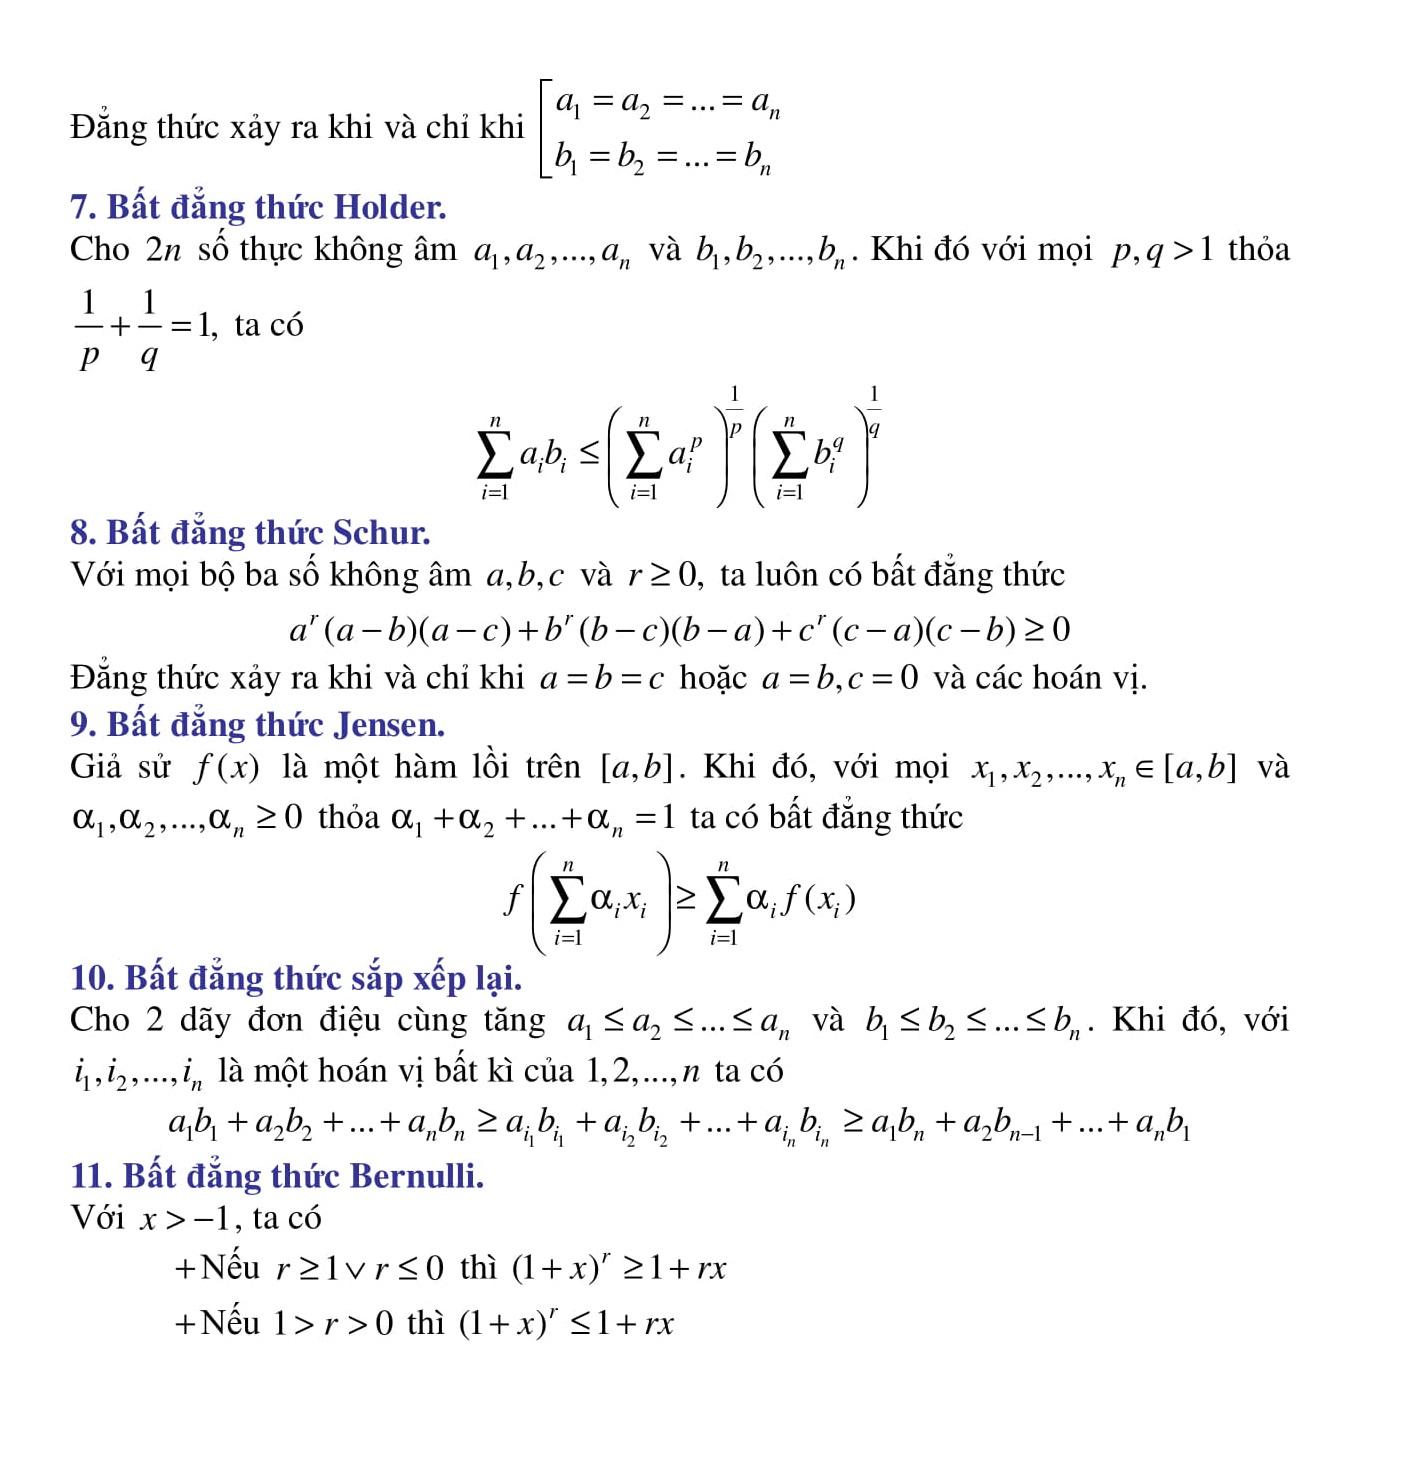 Chuyên đềToán 12: Bất đẳng thức (bài tập + giải) giúp luyện thi hiệu quả